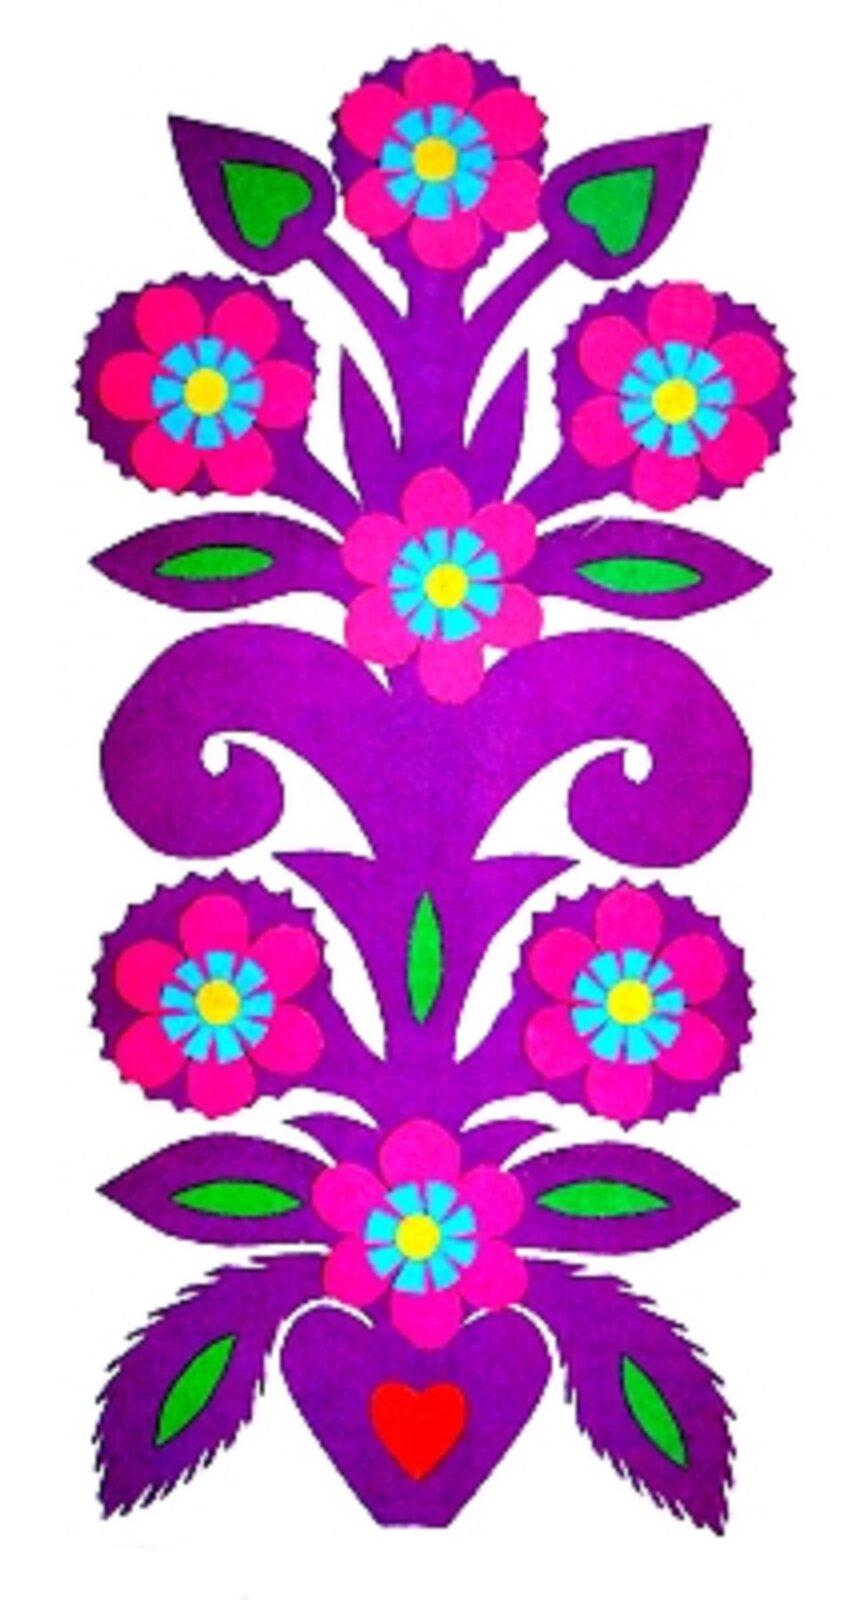 Ilustracja przedstawia kolorowe wzory - kurpiowską zielkę. Wzór przypomina roślinę, która jest wdonicy. Powyżej są kwiaty oróżowo-niebieskich płatkach iżółtych środkach. Na boki opadają listki. Cała łodyga za wyjątkiem kwiatów jest fioletowa.